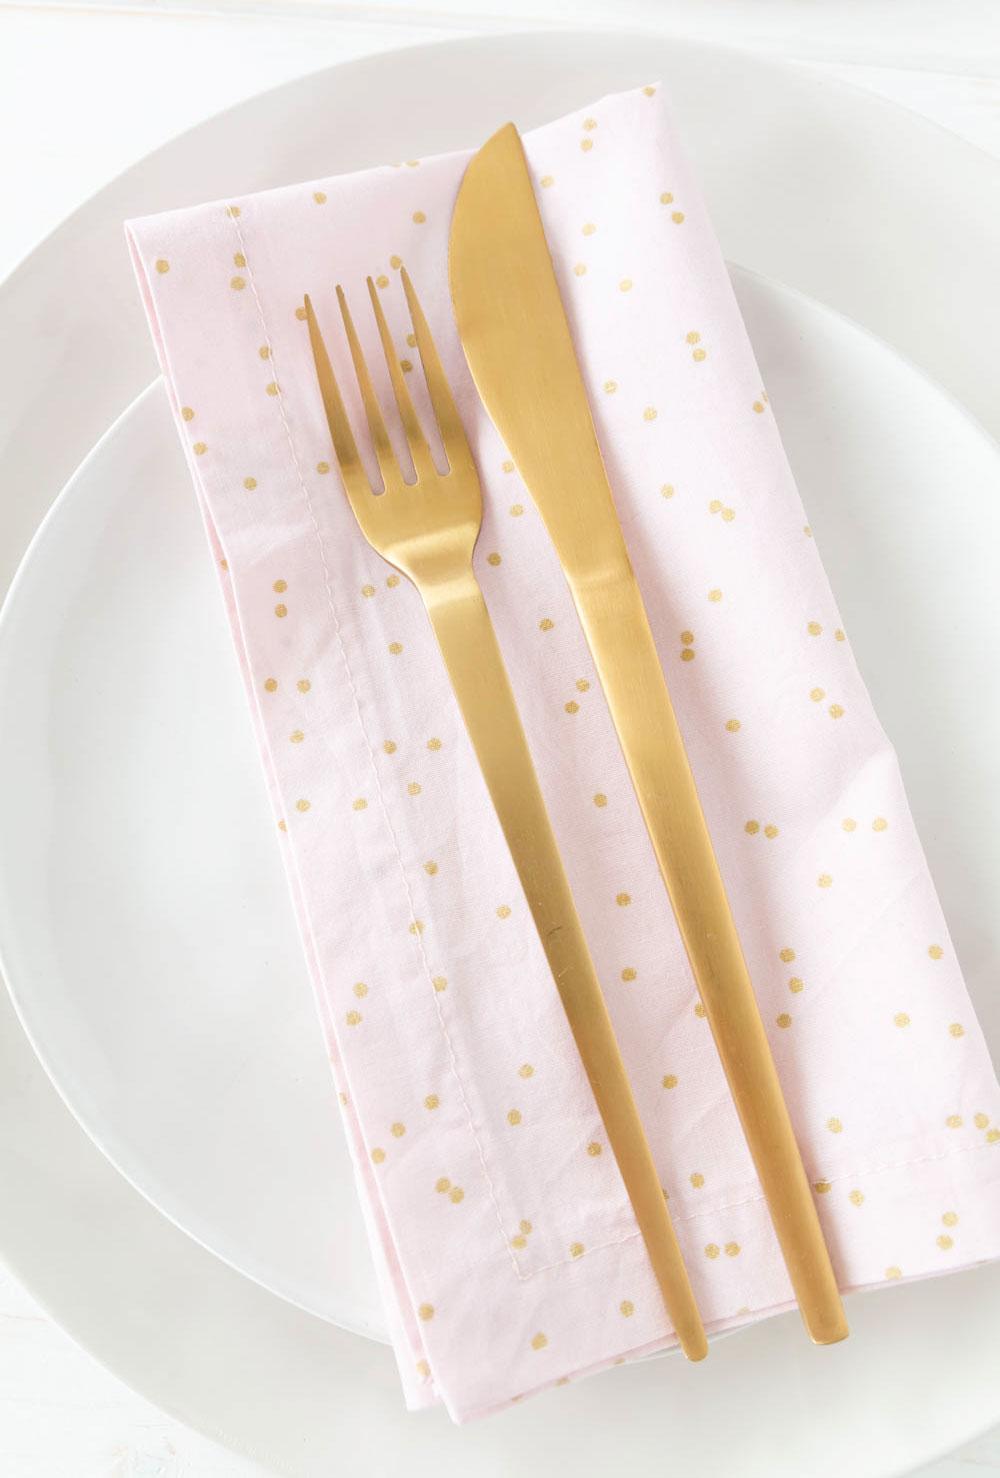 Anleitung Servietten selber machen mit Einfache Serviette mit Briefecke nähen